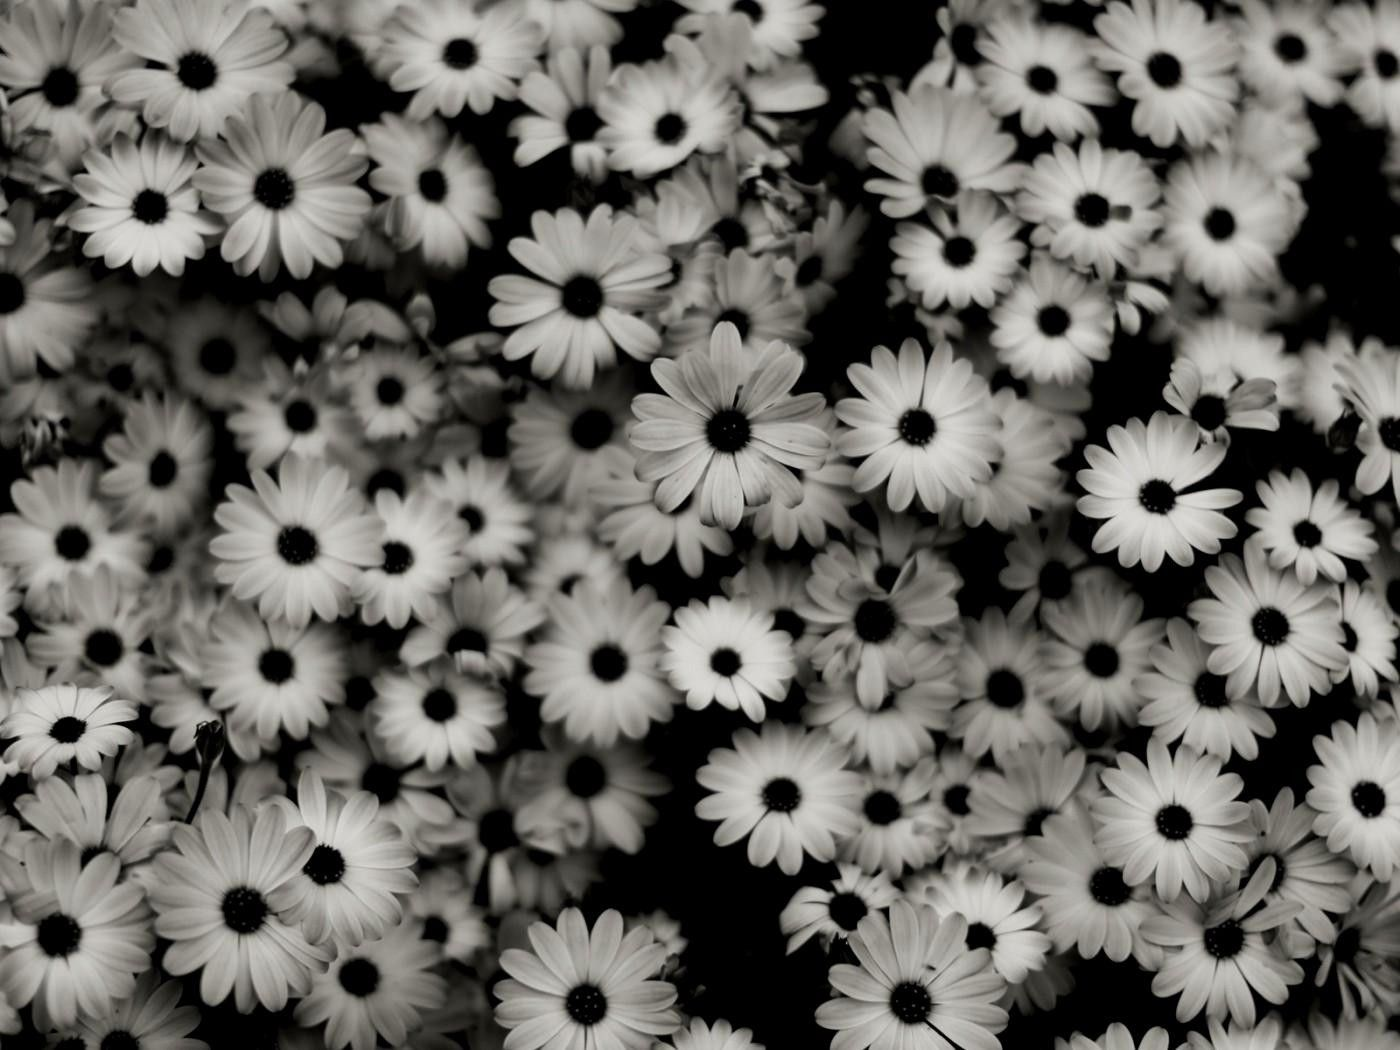 Wallpapers bonitos do tumblr preto e branco Fundo preto